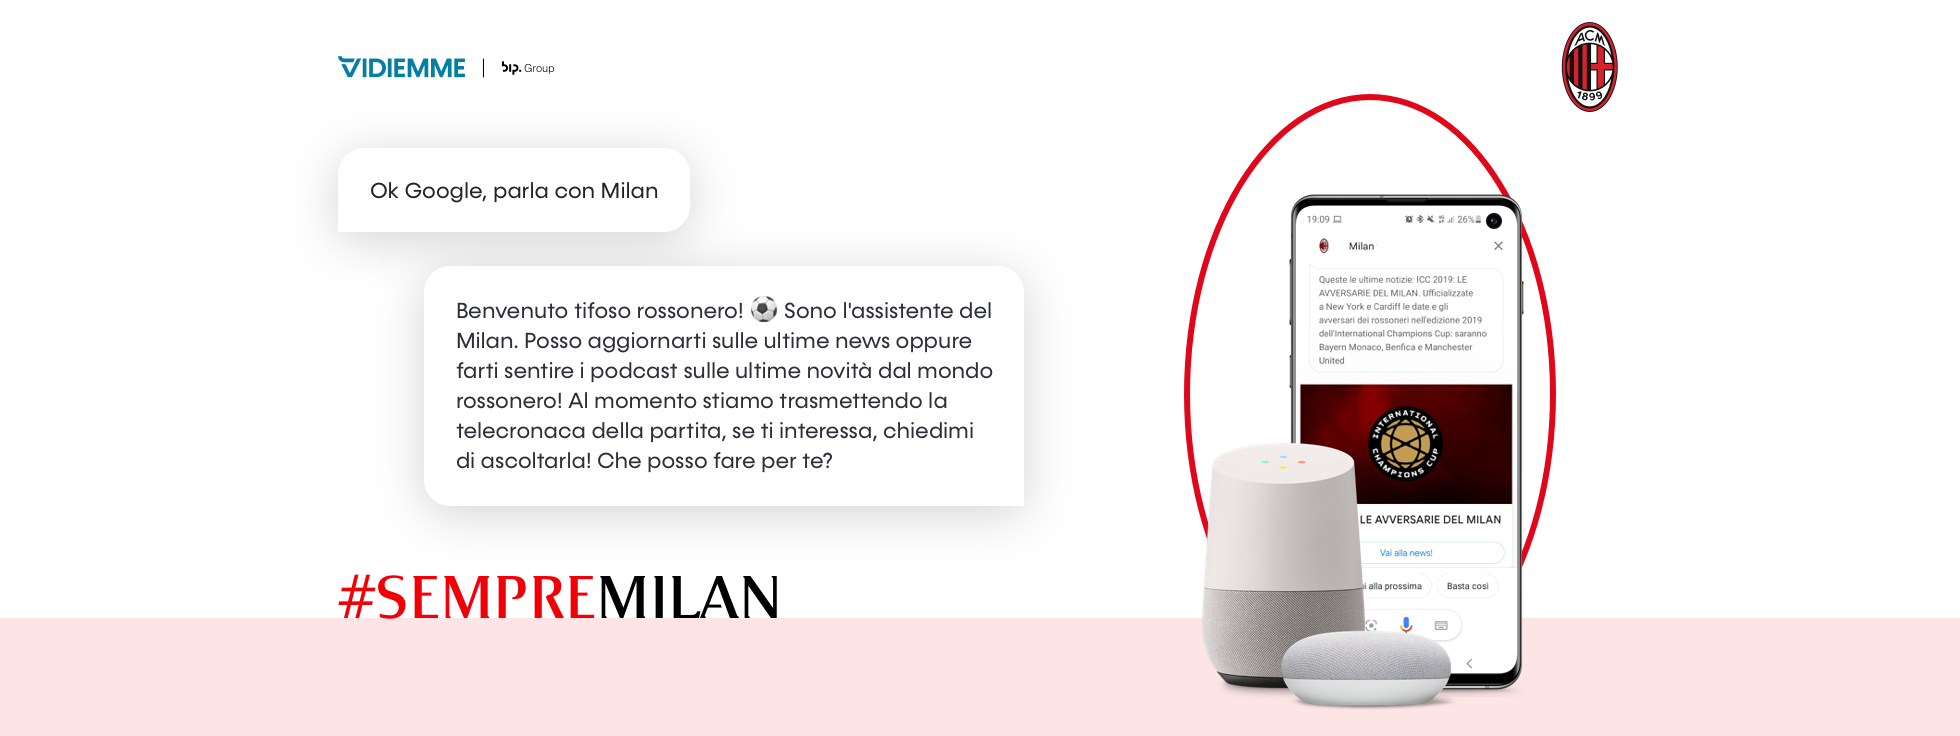 E' arrivata la Action on Google di AC Milan realizzata da Vidiemme